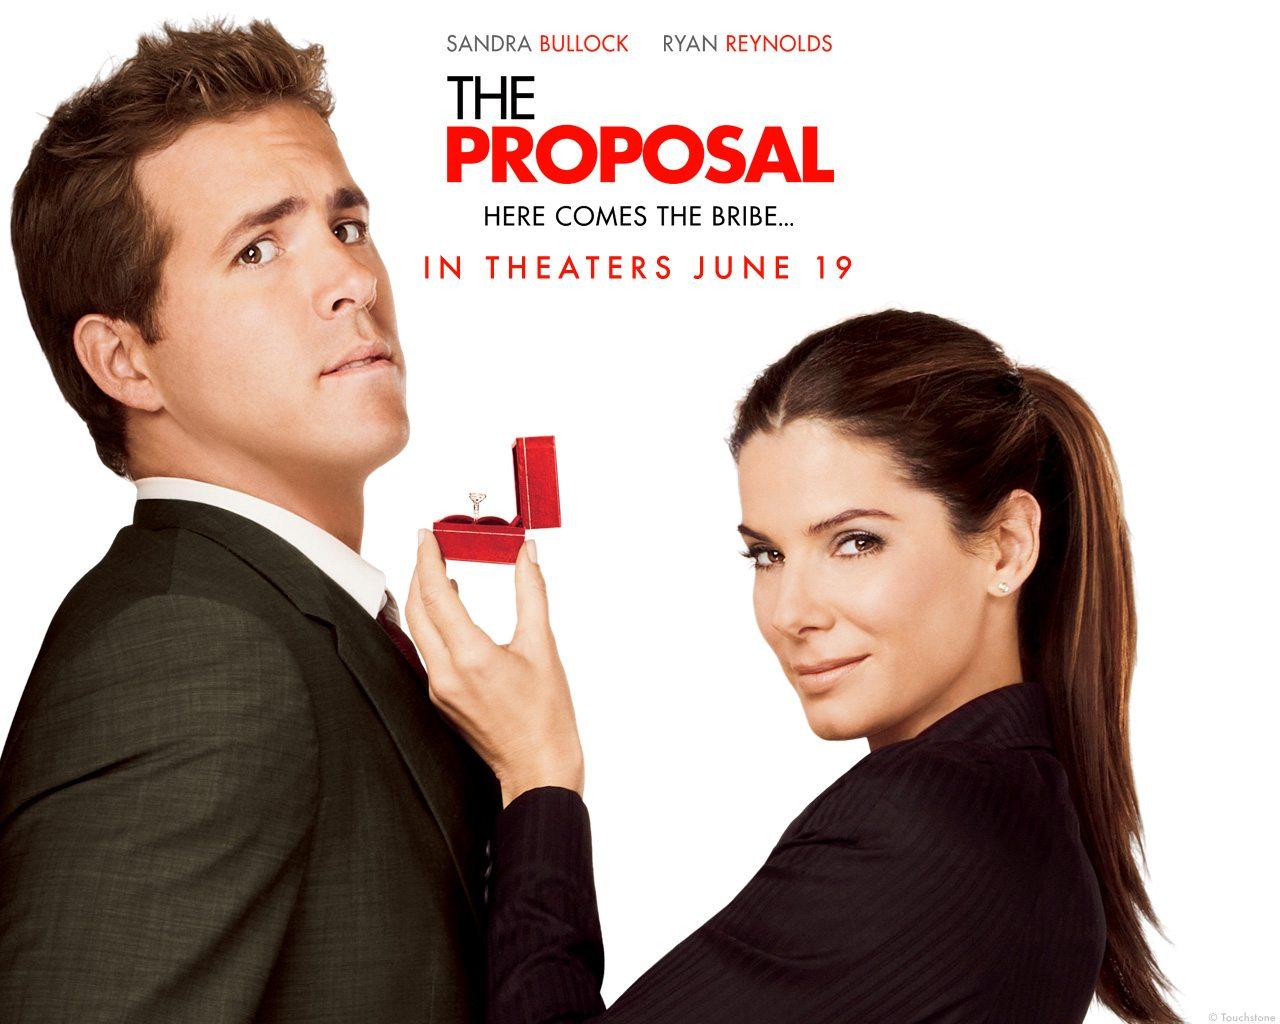 http://2.bp.blogspot.com/_UtjIygFiyDE/TAaqoyPKqwI/AAAAAAAAACU/o1HVp-qimKI/s1600/The-Proposal-1891.jpg